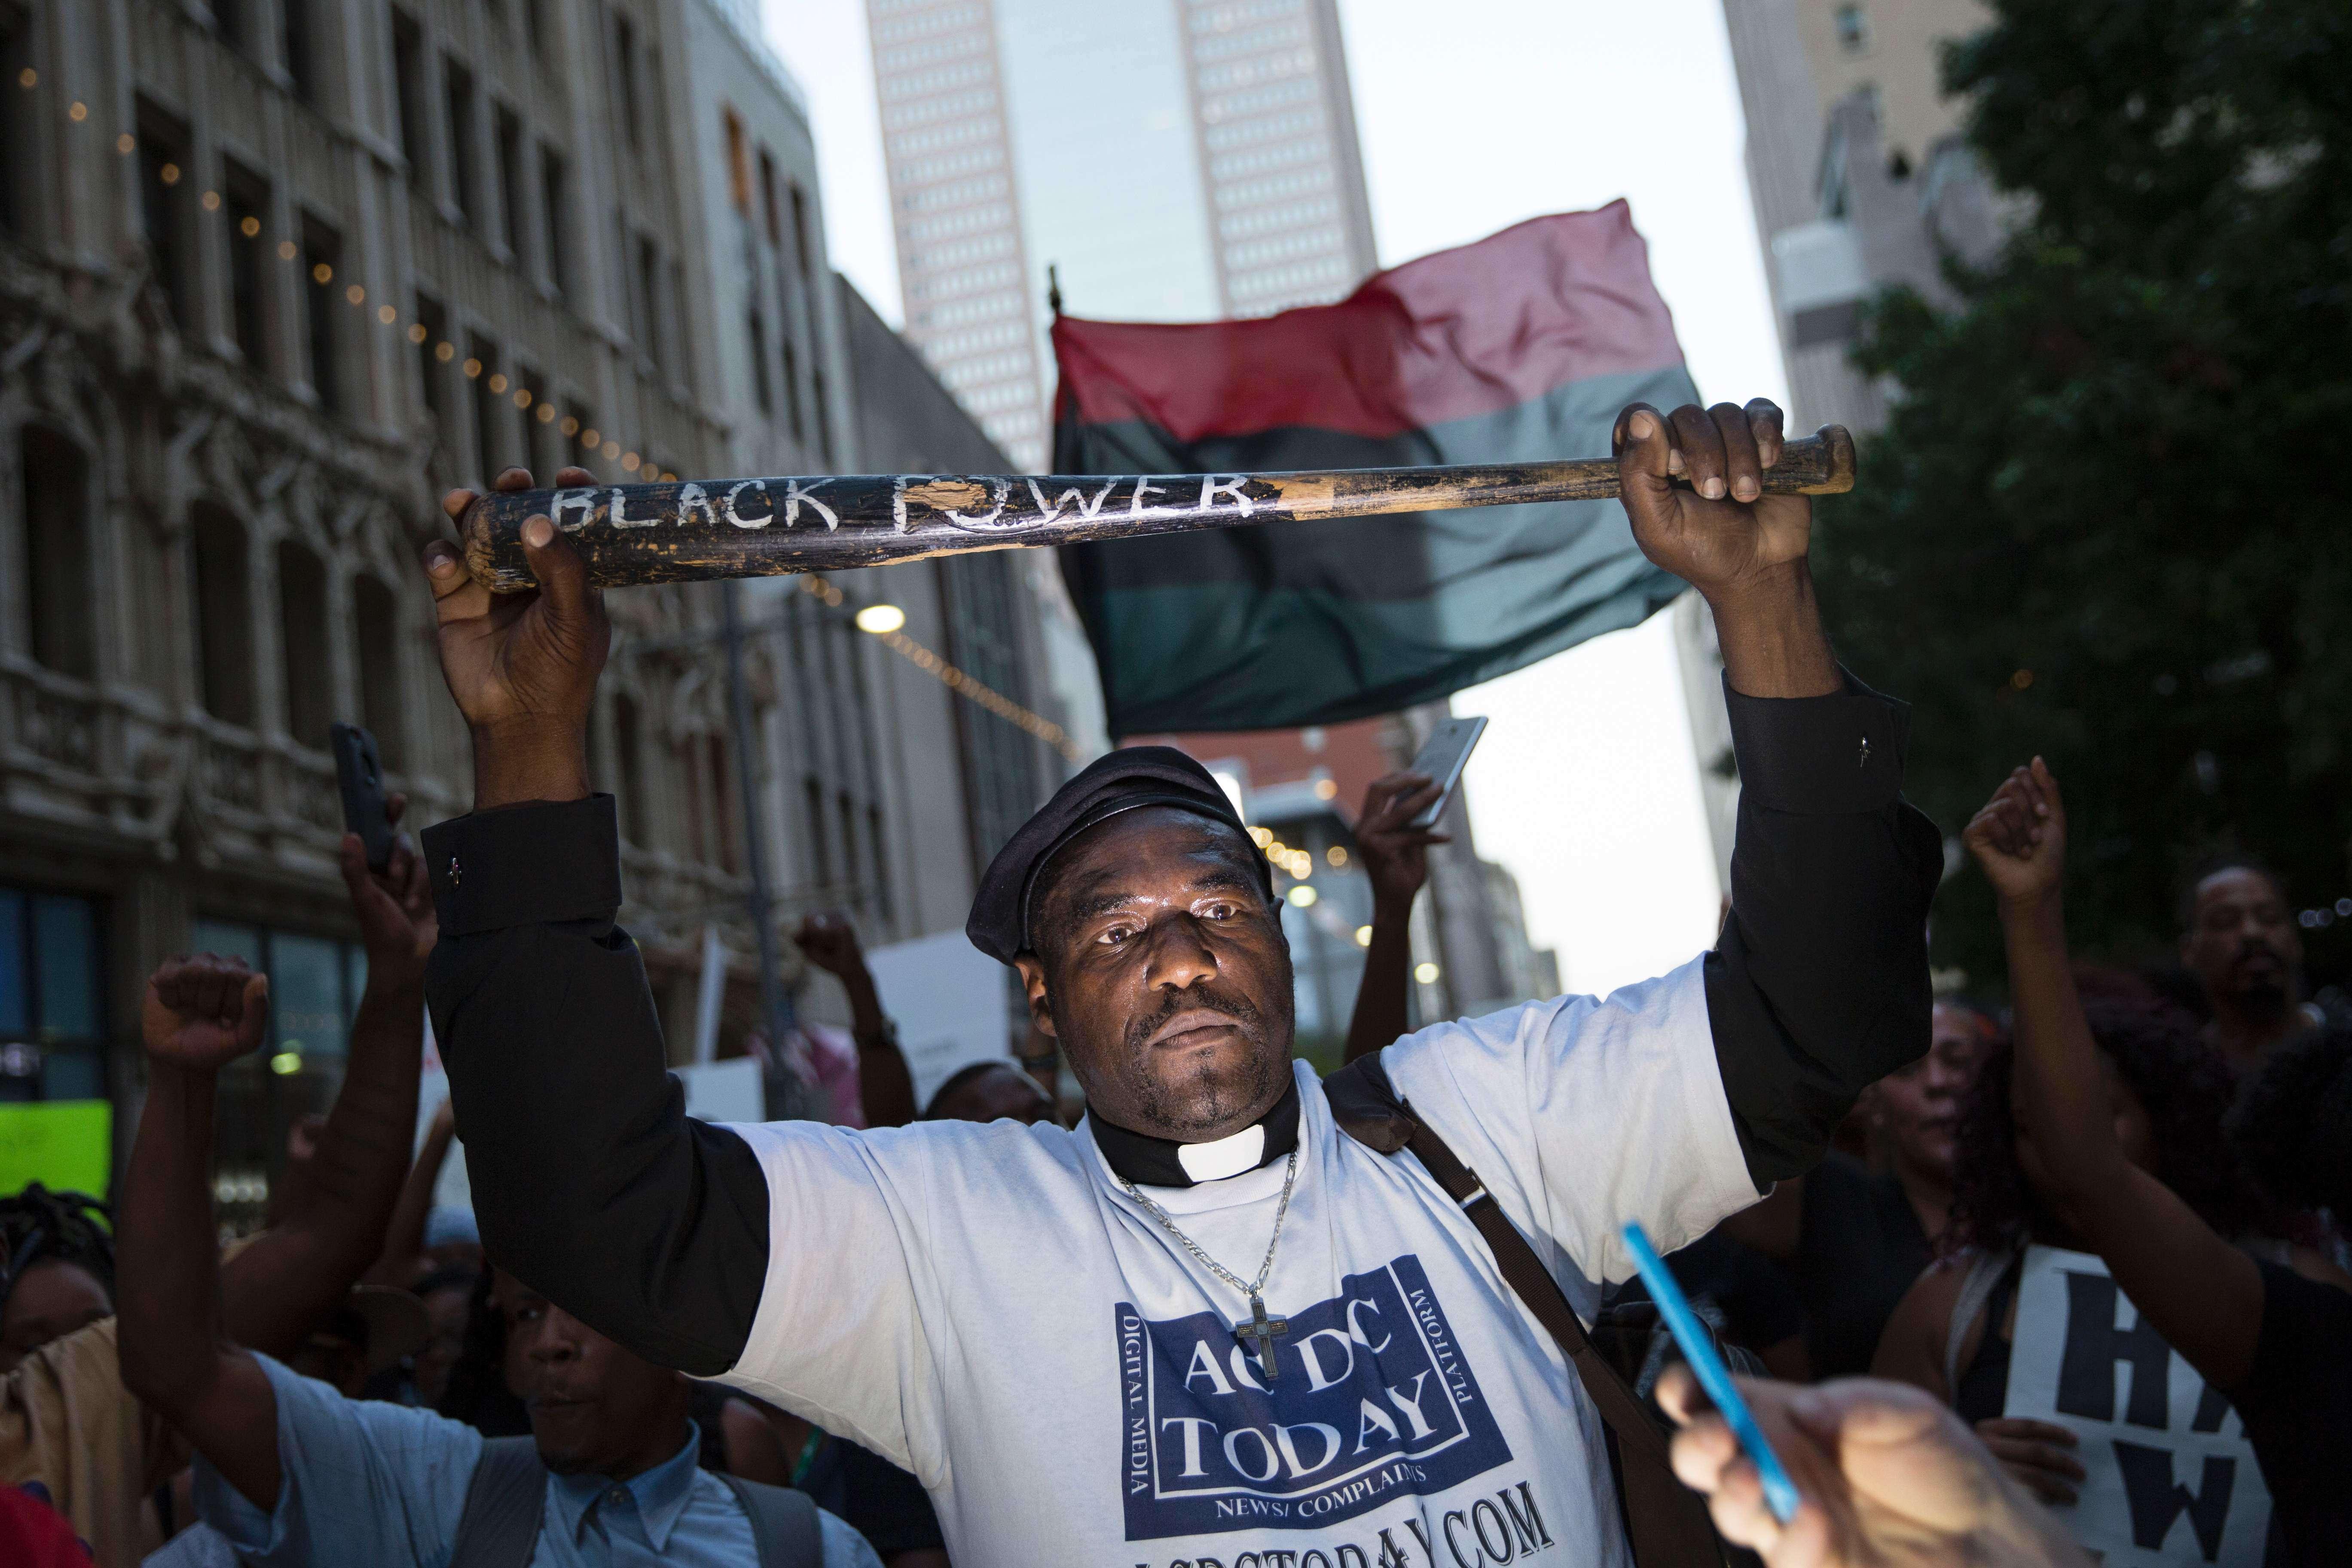 Le 7 juillet 2016, lors de la manifestation contre les violences policières organisée à Dallas, un homme porte une banderole sur laquelle est écrit« Black power».